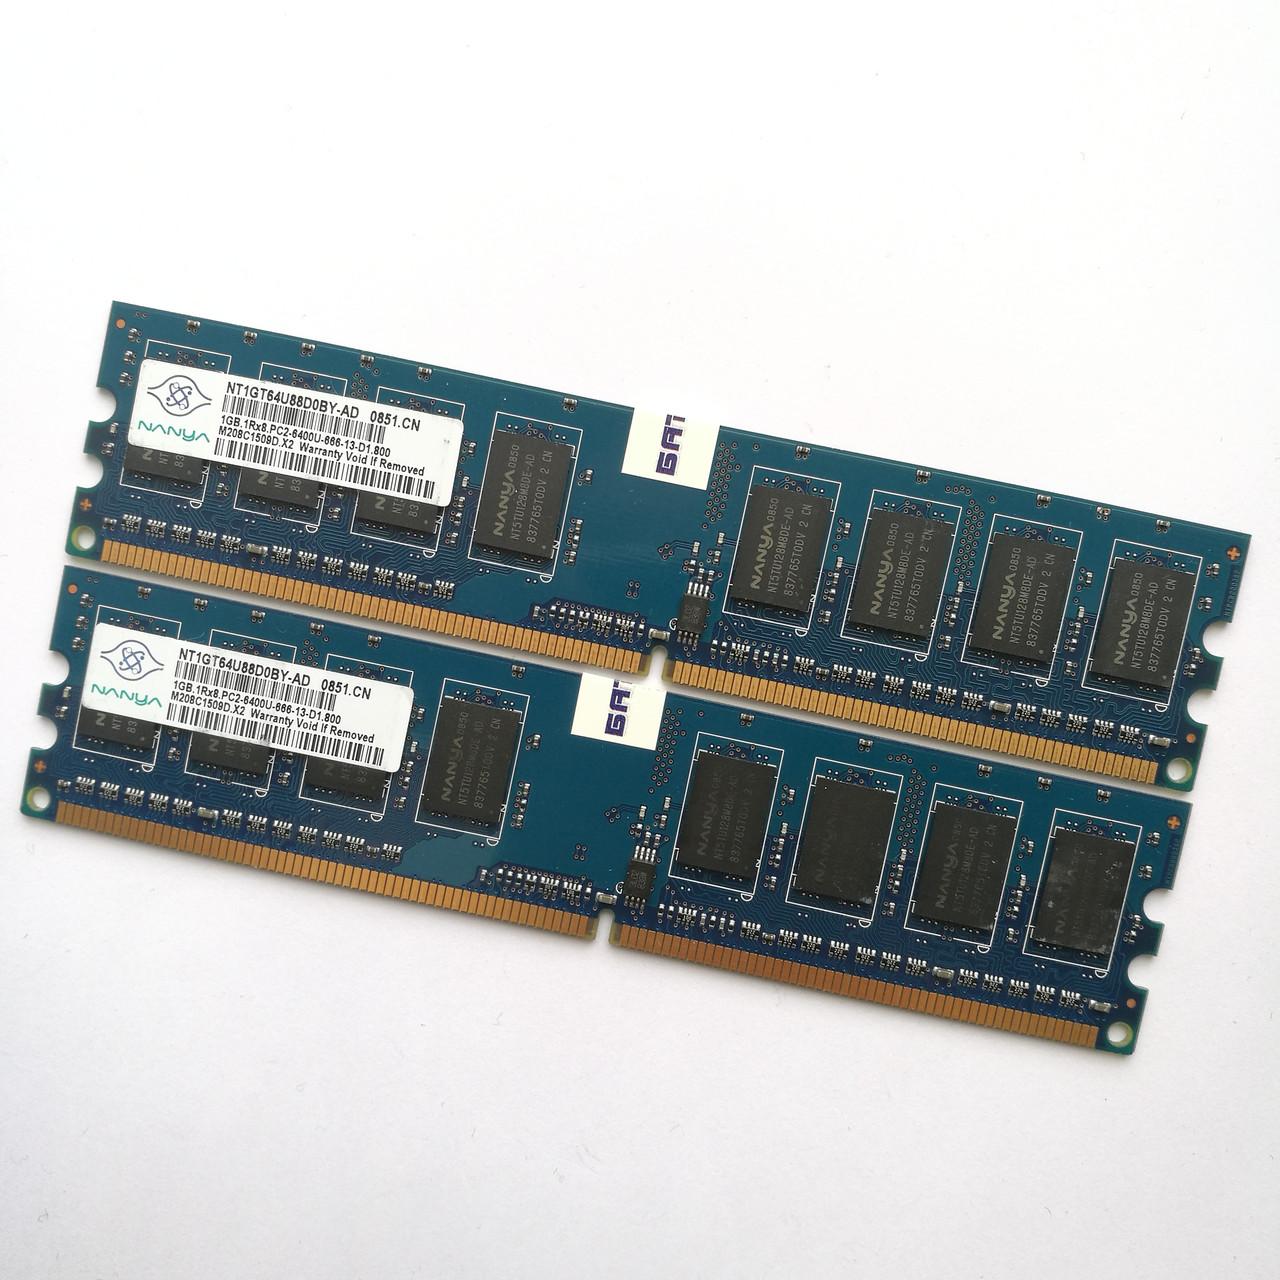 Комплект оперативной памяти Nanya DDR2 2Gb (1Gb+1Gb) 800MHz PC2 6400U CL6 (NT1GT64U88D0BY-AD) Б/У